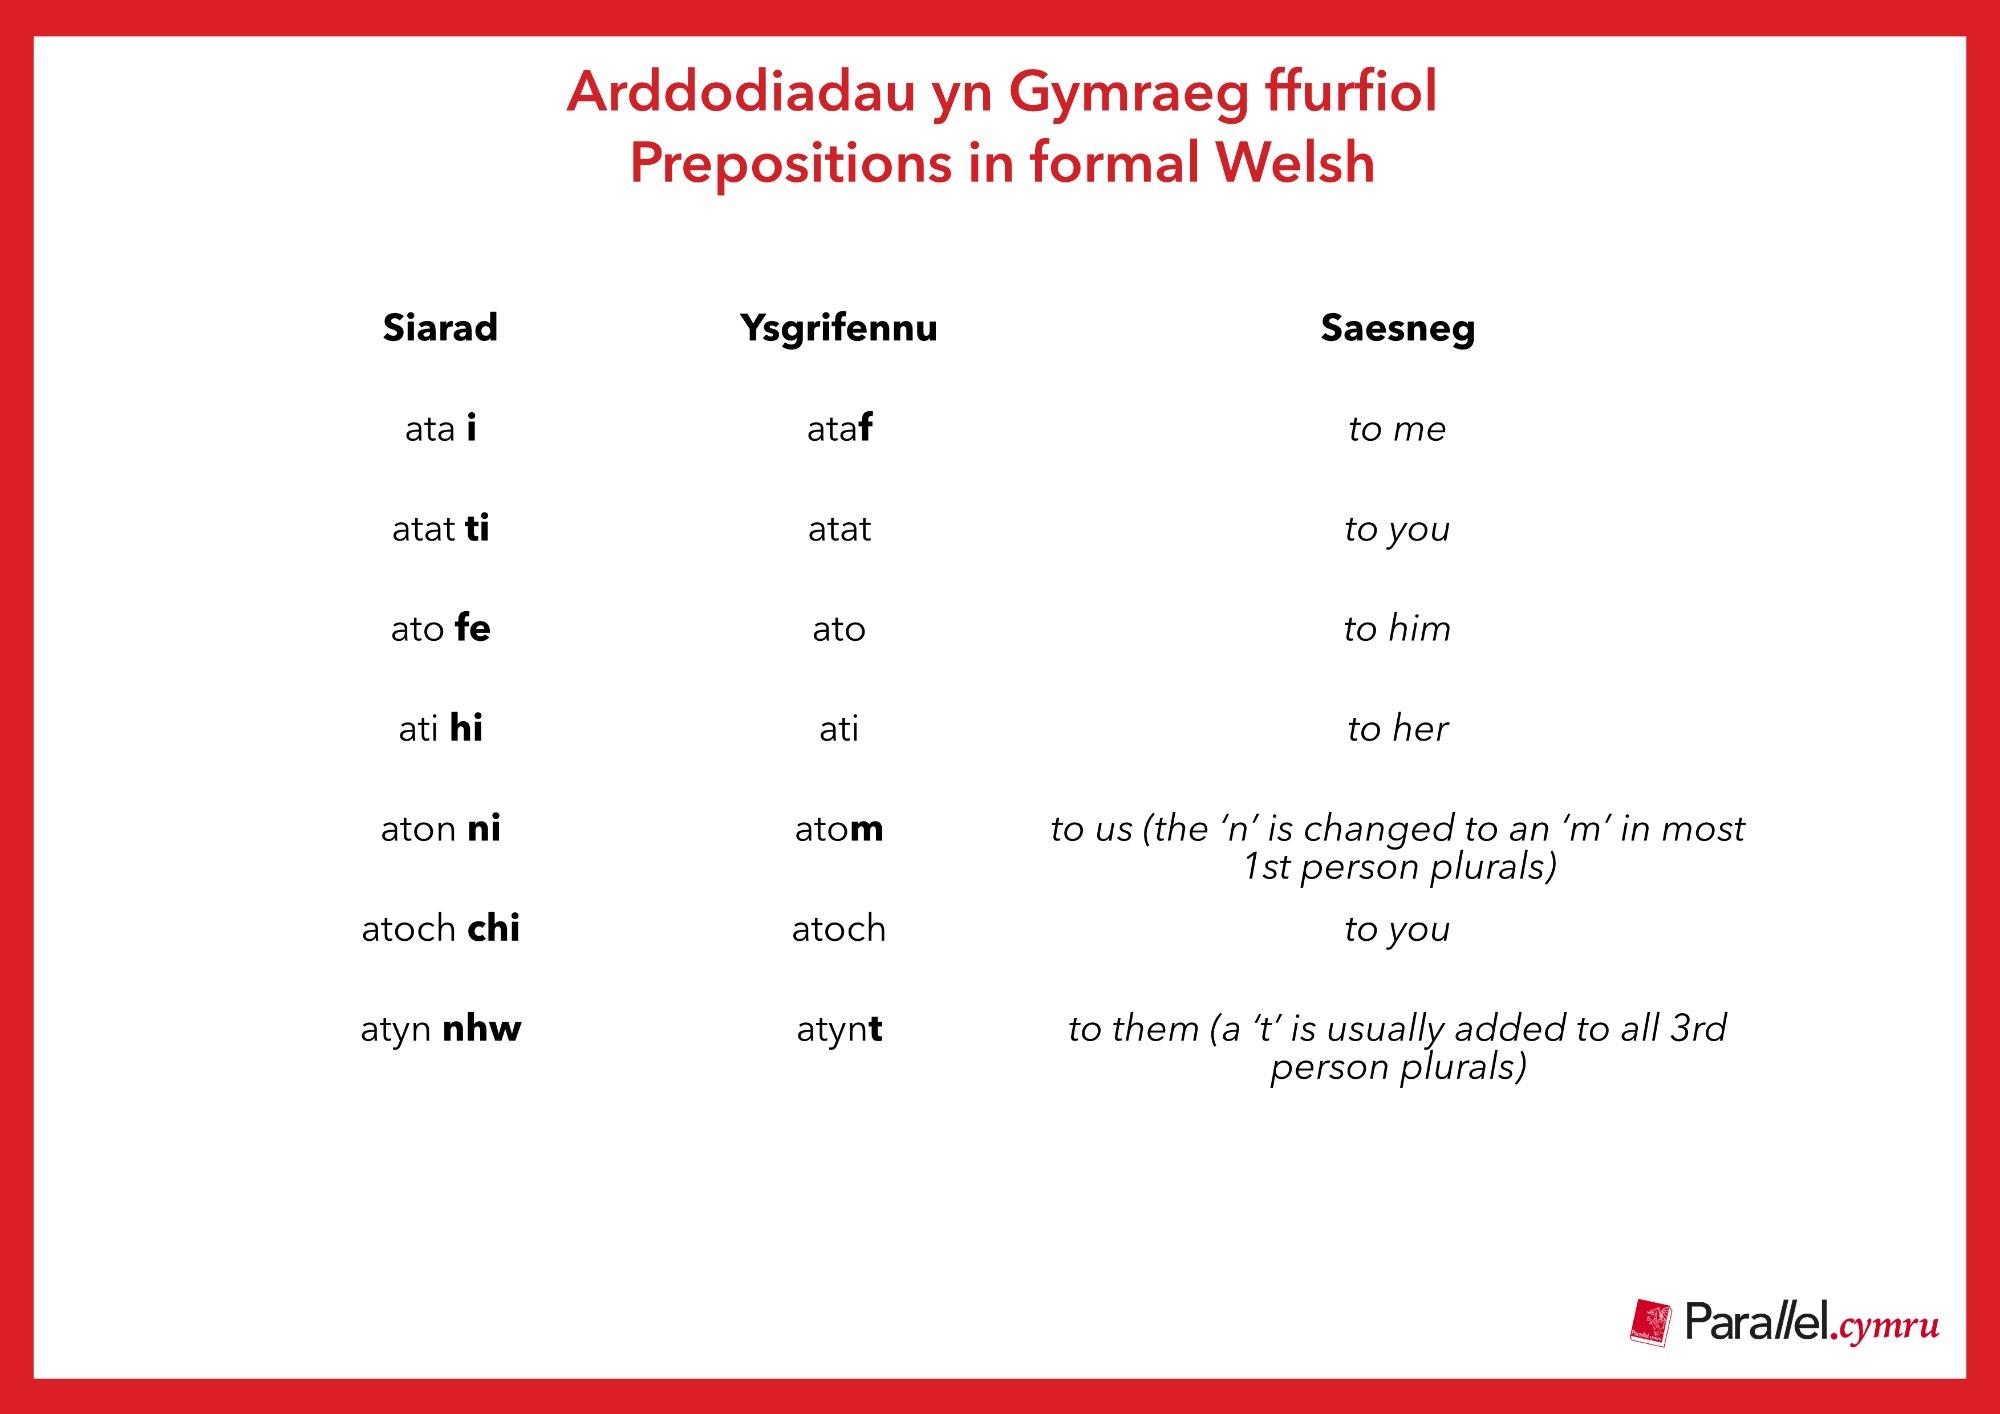 Ask Dr Gramadeg Prepositions in Formal Welsh